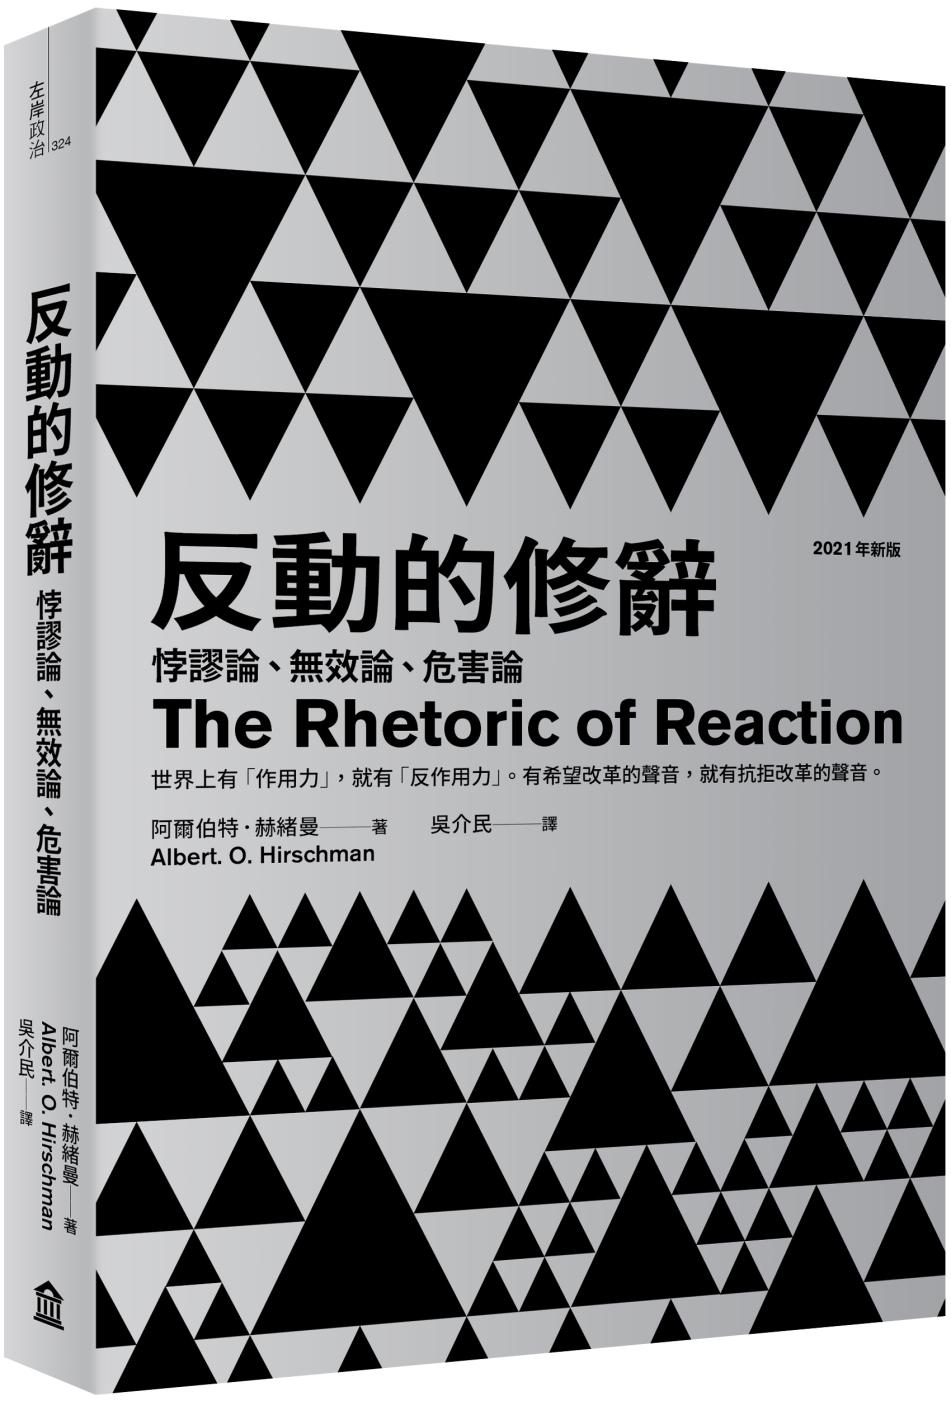 反動的修辭(2021年新版): 悖謬論、無效論、危害論